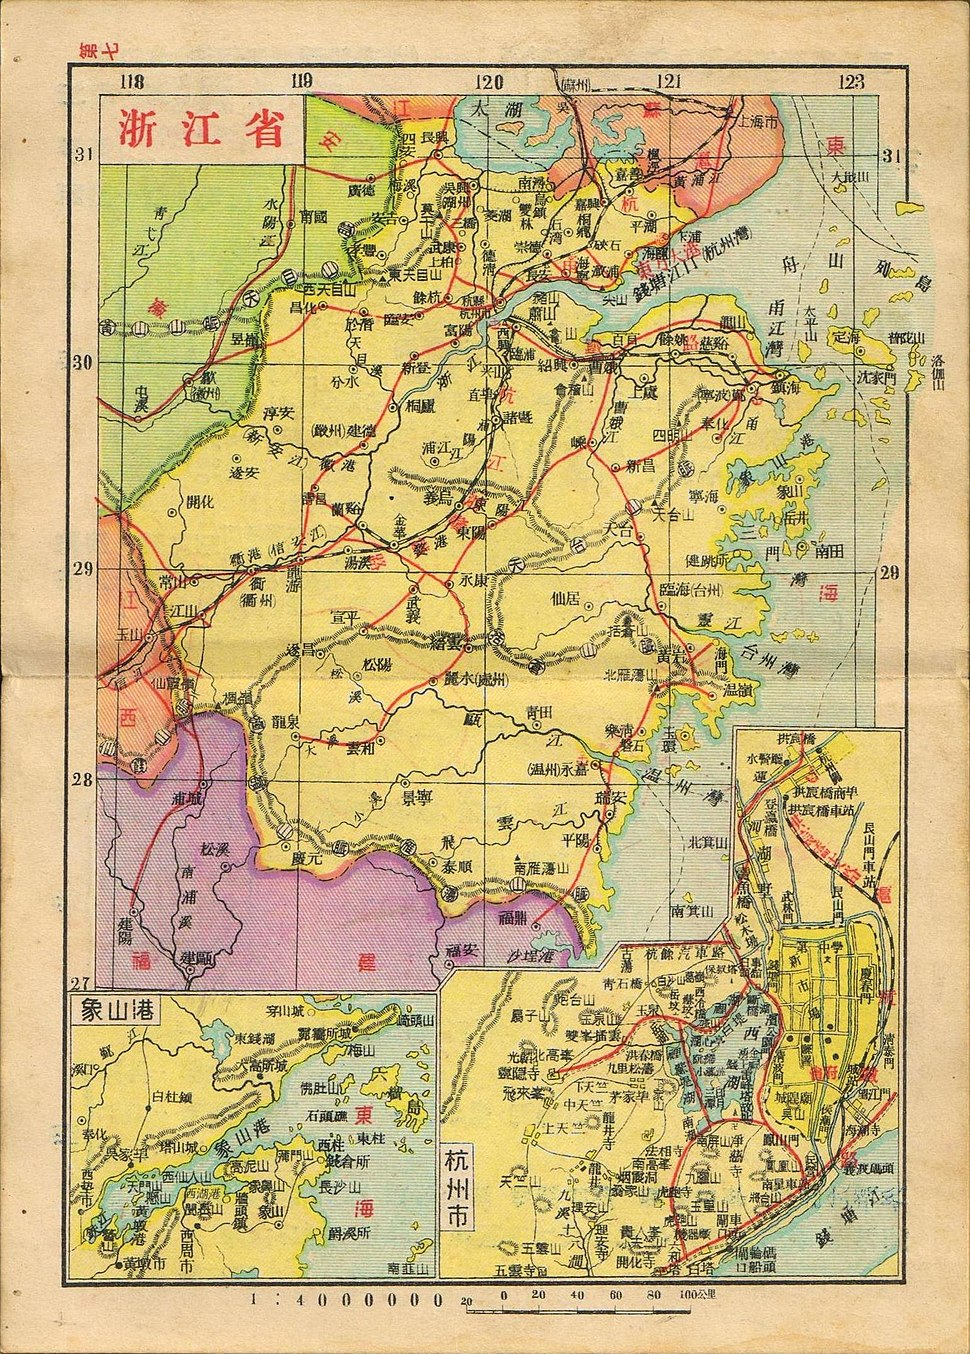 亚新地学社1936年《袖珍中华全图》--07浙江省